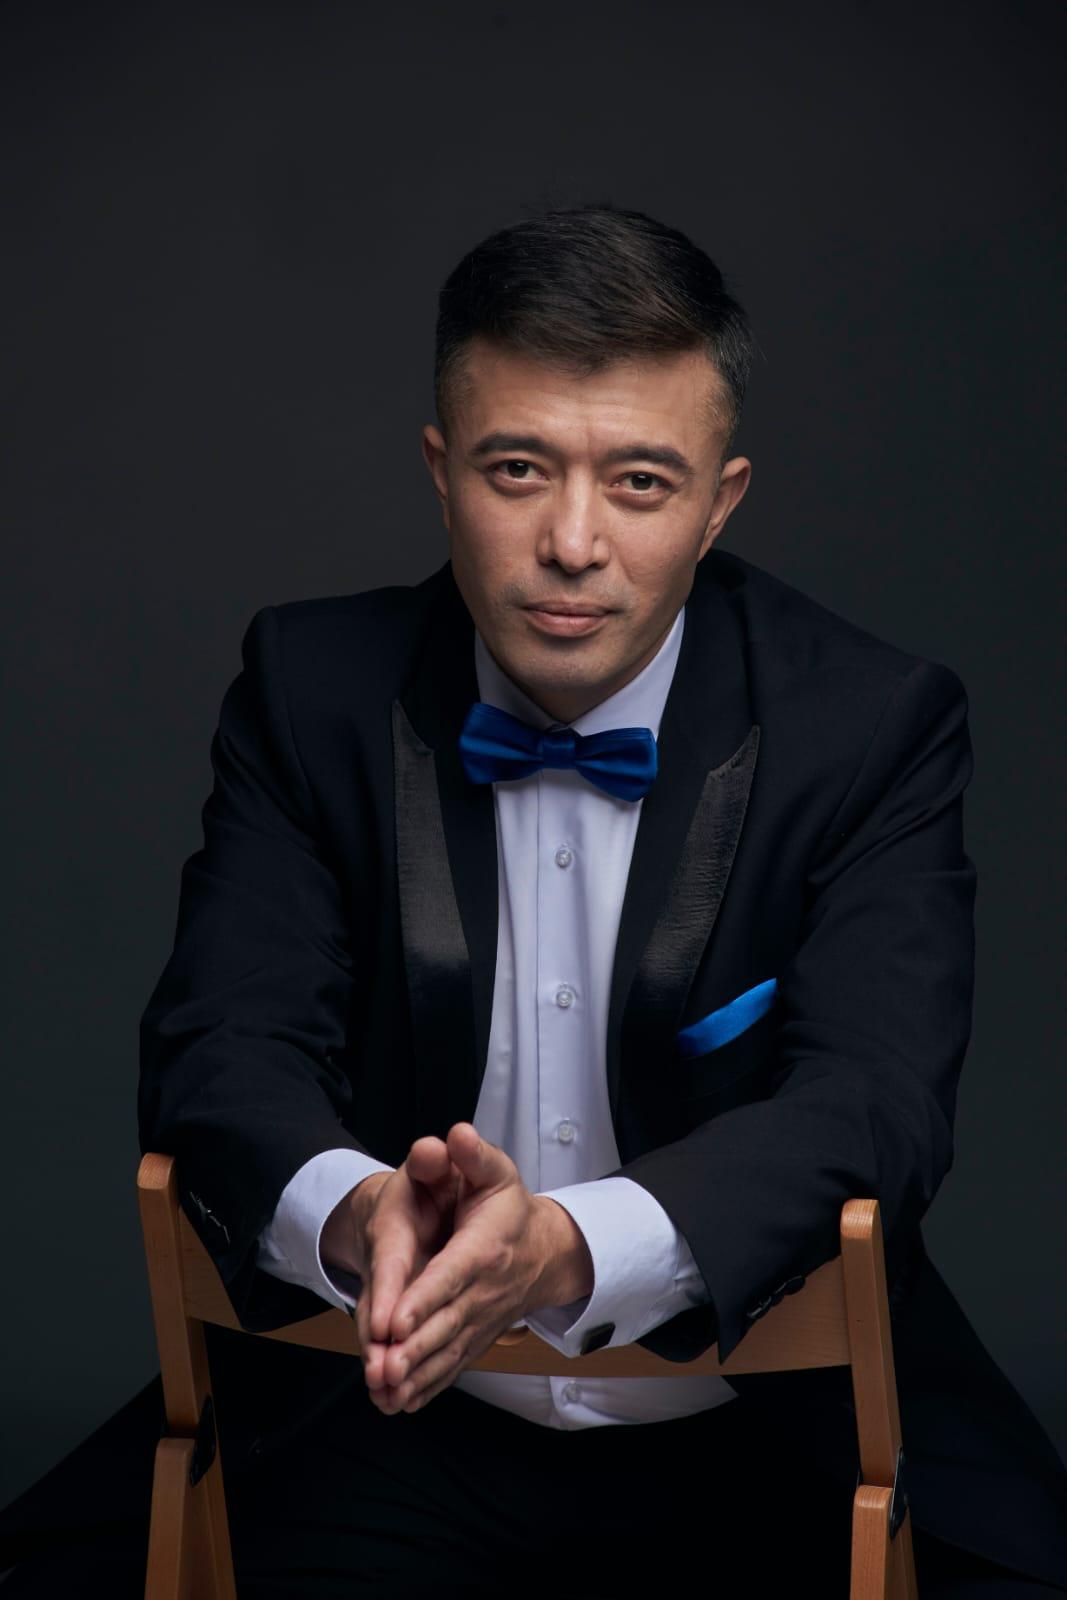 Сегодня свой день рождения отмечает режиссер-постановщик Нефтекамской государственной филармонии Илгиз Миниахметов